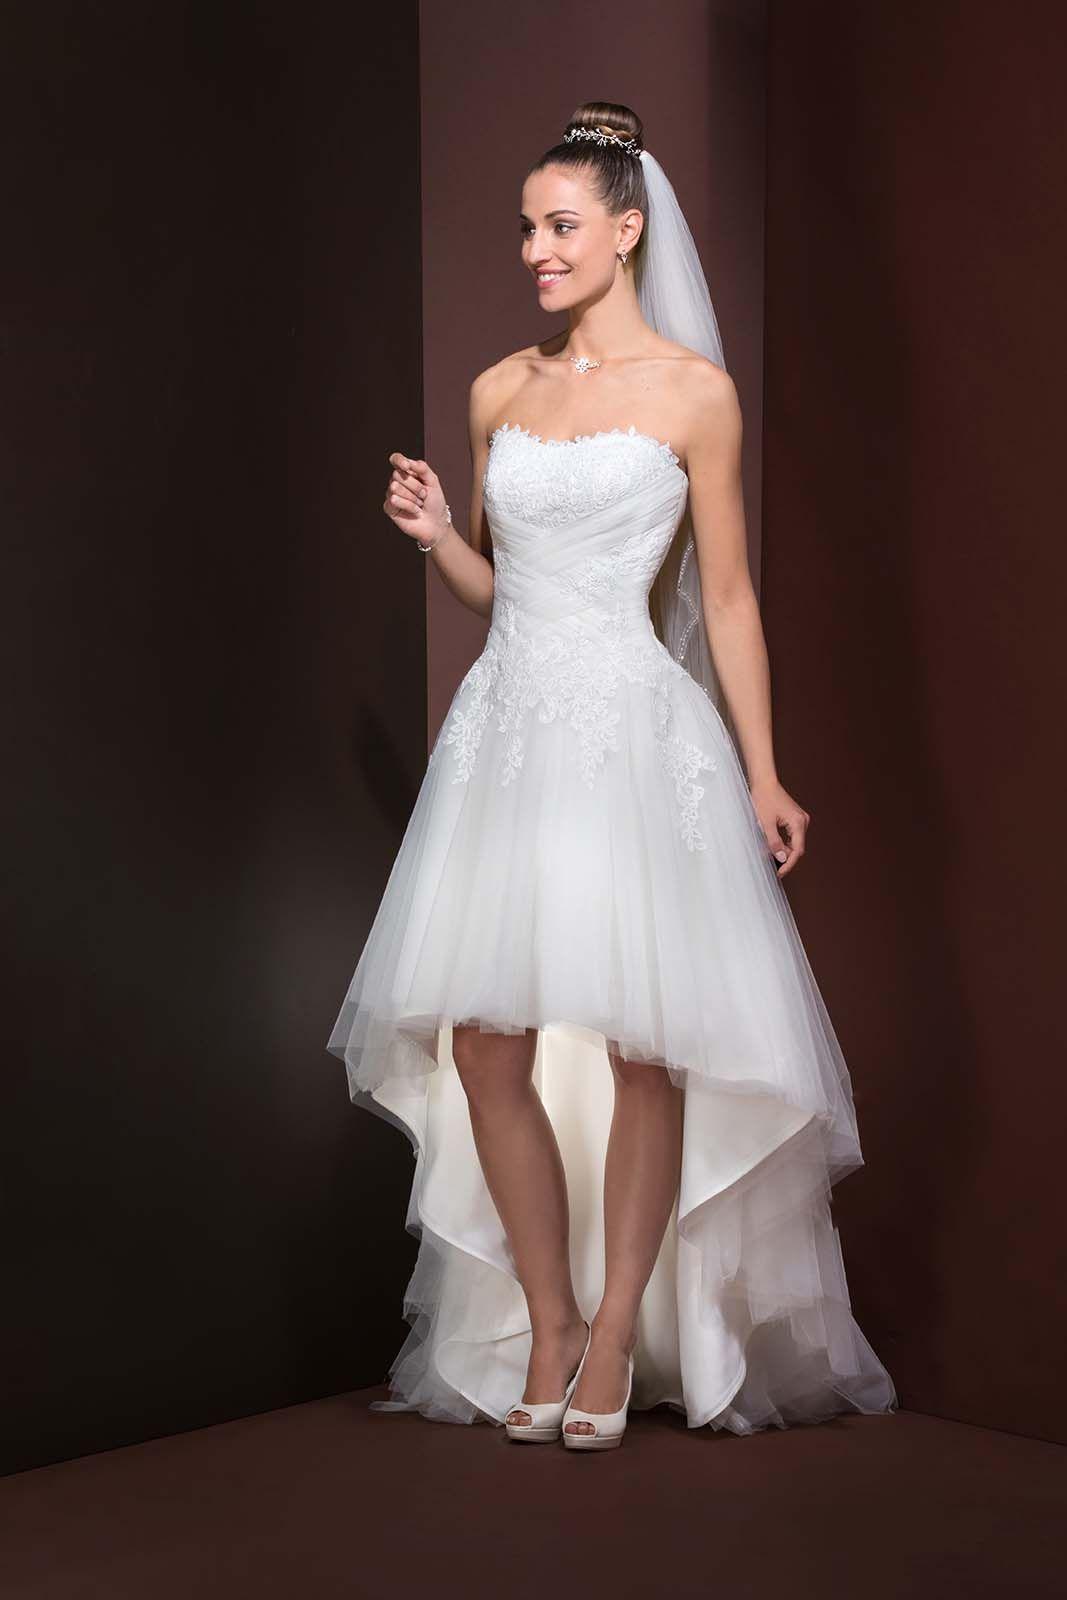 Vestido De Noiva Curto à Frente E Comprido Atrás Com Saia De